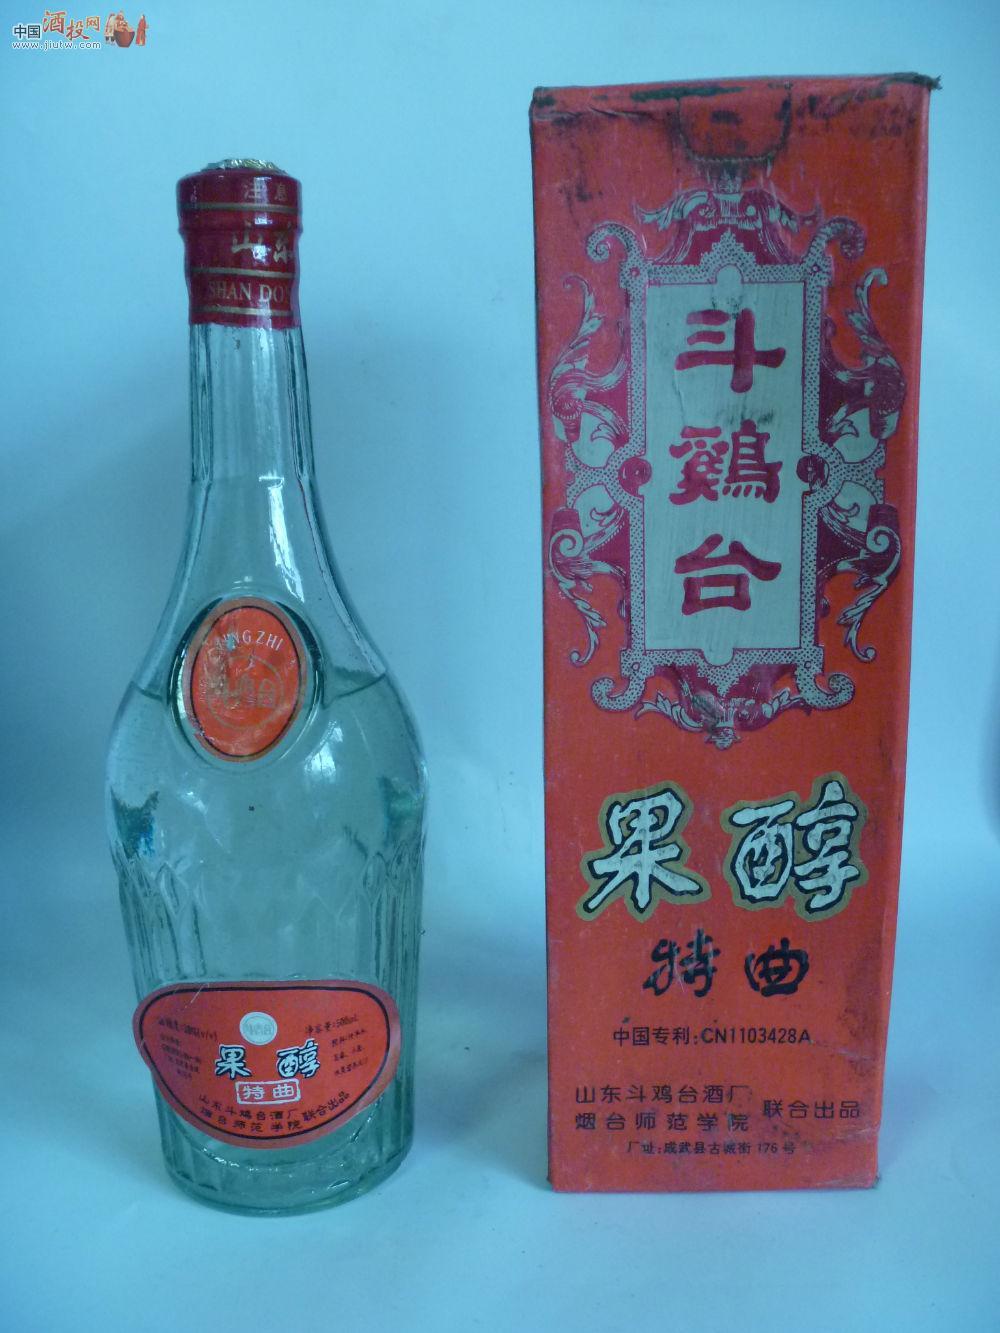 [已售]获中国女装的小众酒!斗鸡台果醇特曲!收藏不可或缺.专利摩托车125图片